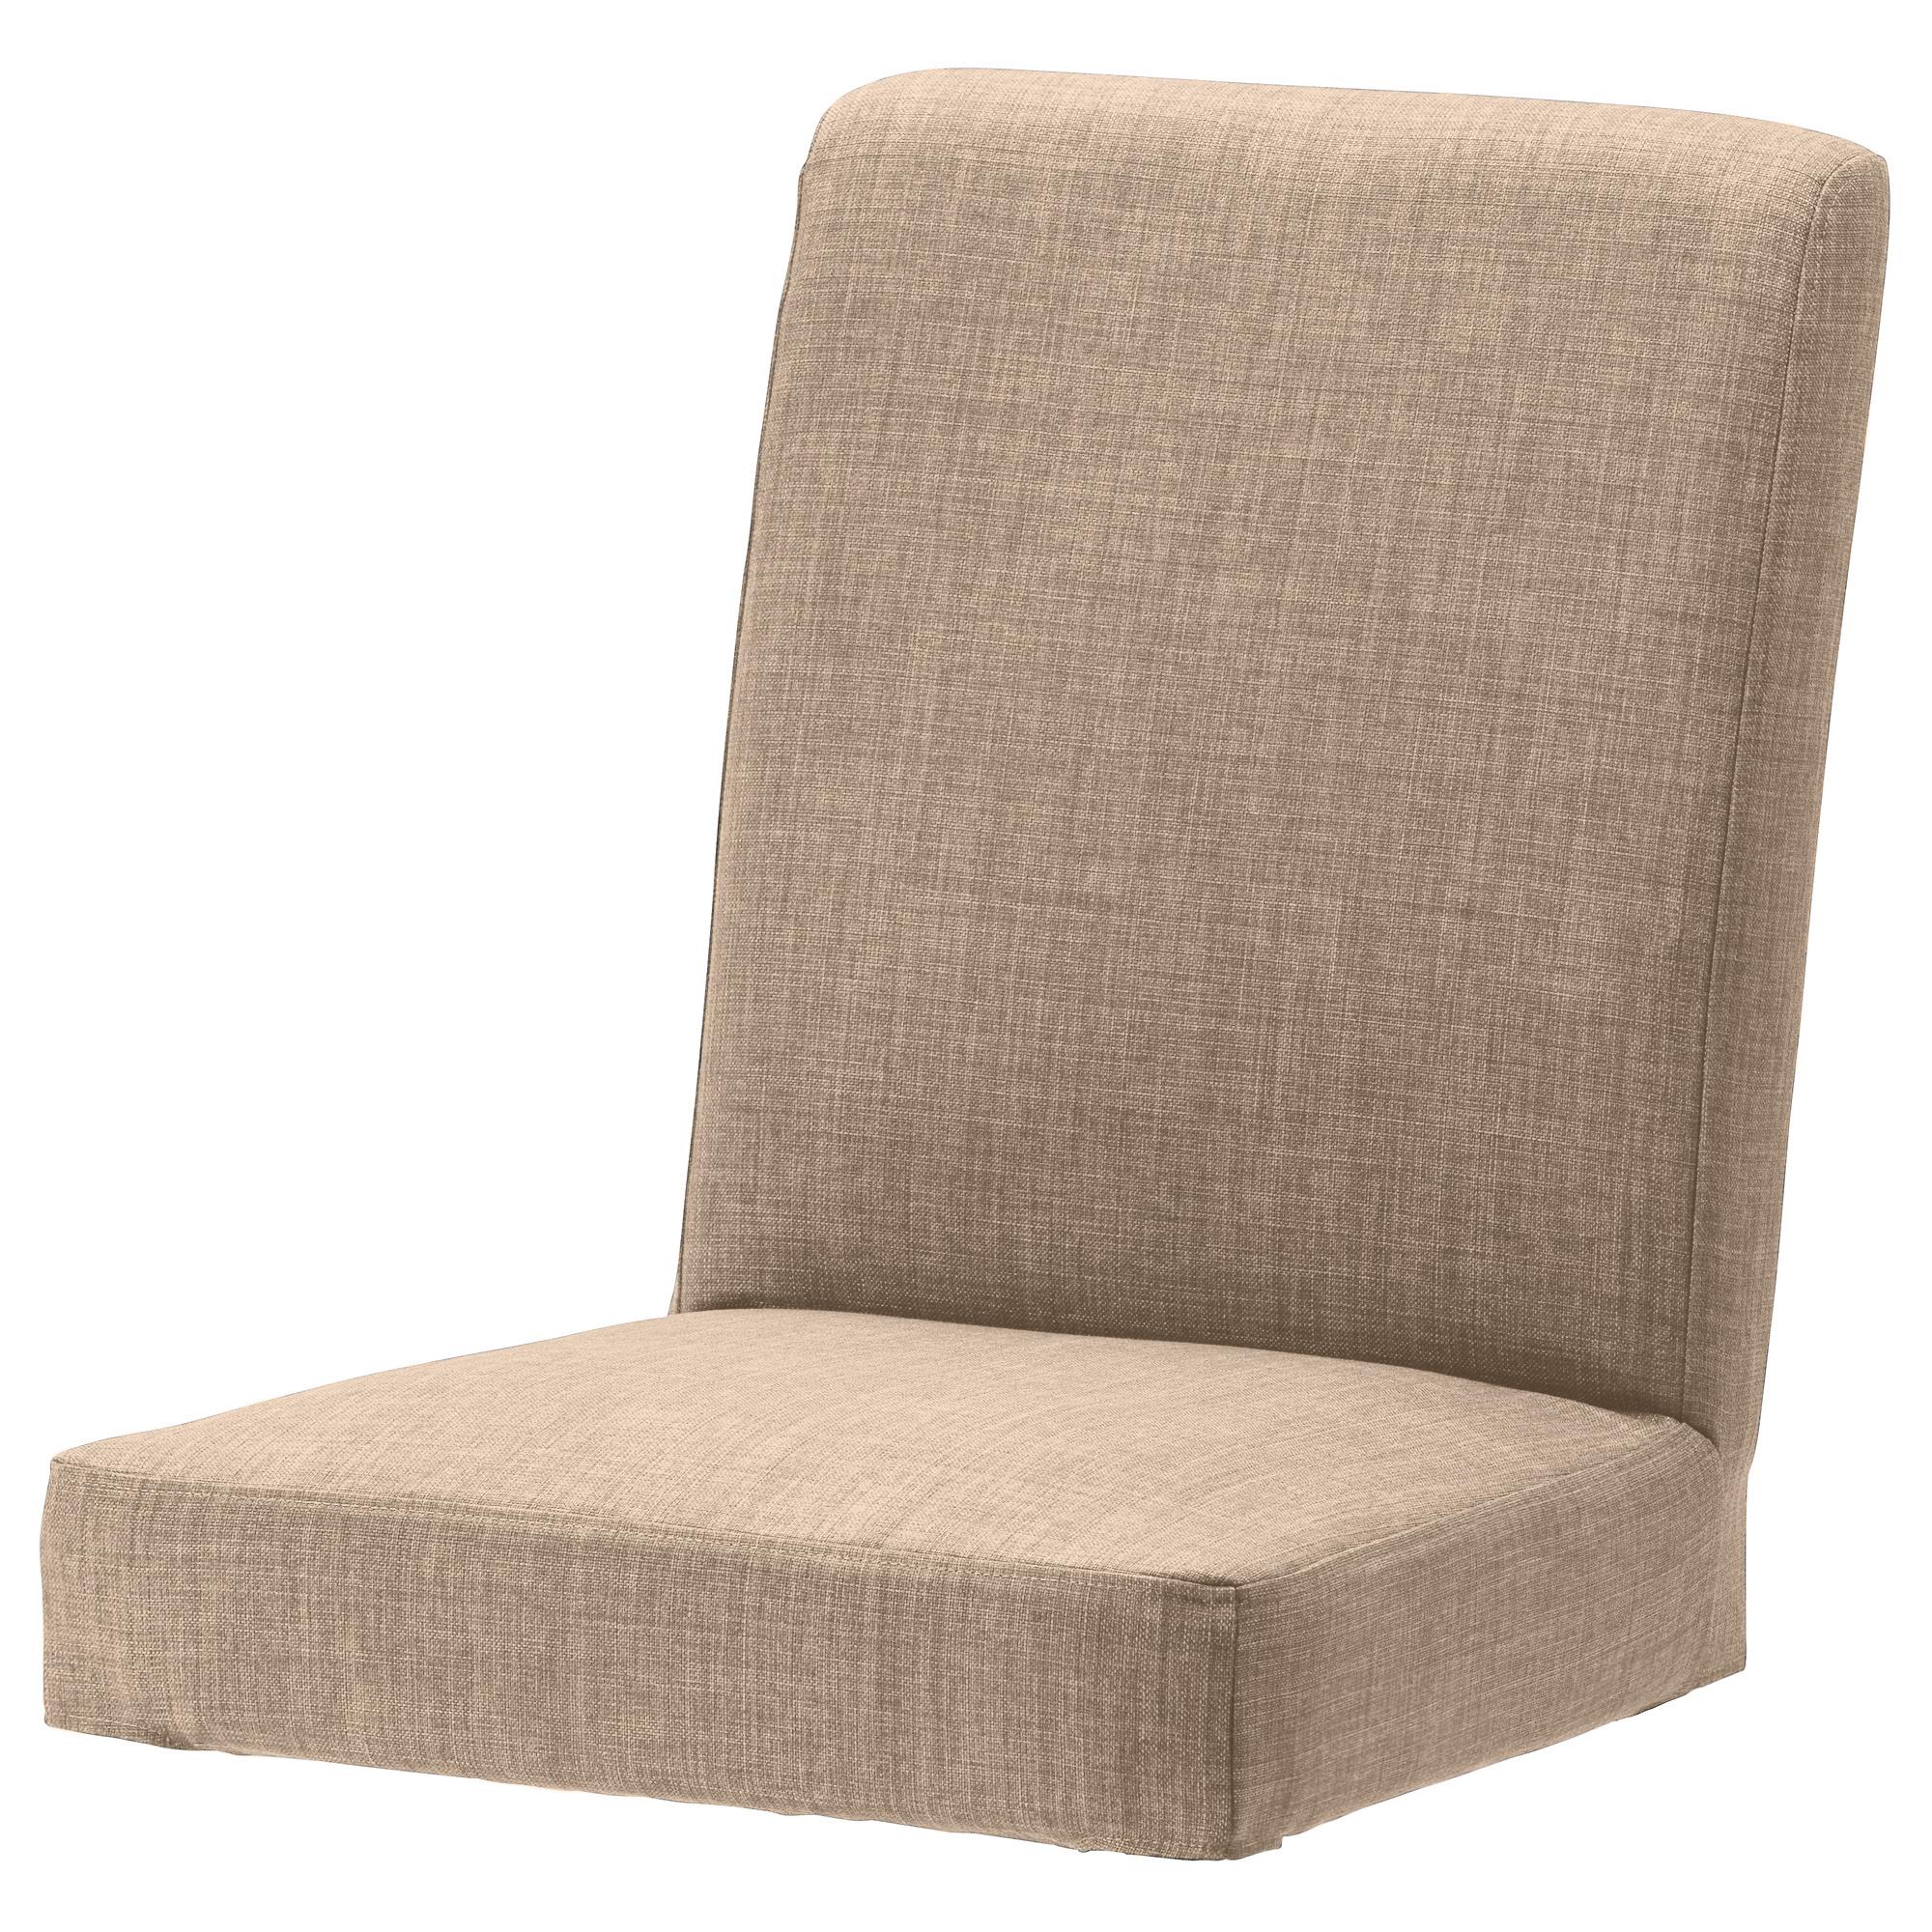 sand skiftebo custom ersatz belegabdeckung f r ikea henriksdal essstst hle 5055889331986 ebay. Black Bedroom Furniture Sets. Home Design Ideas